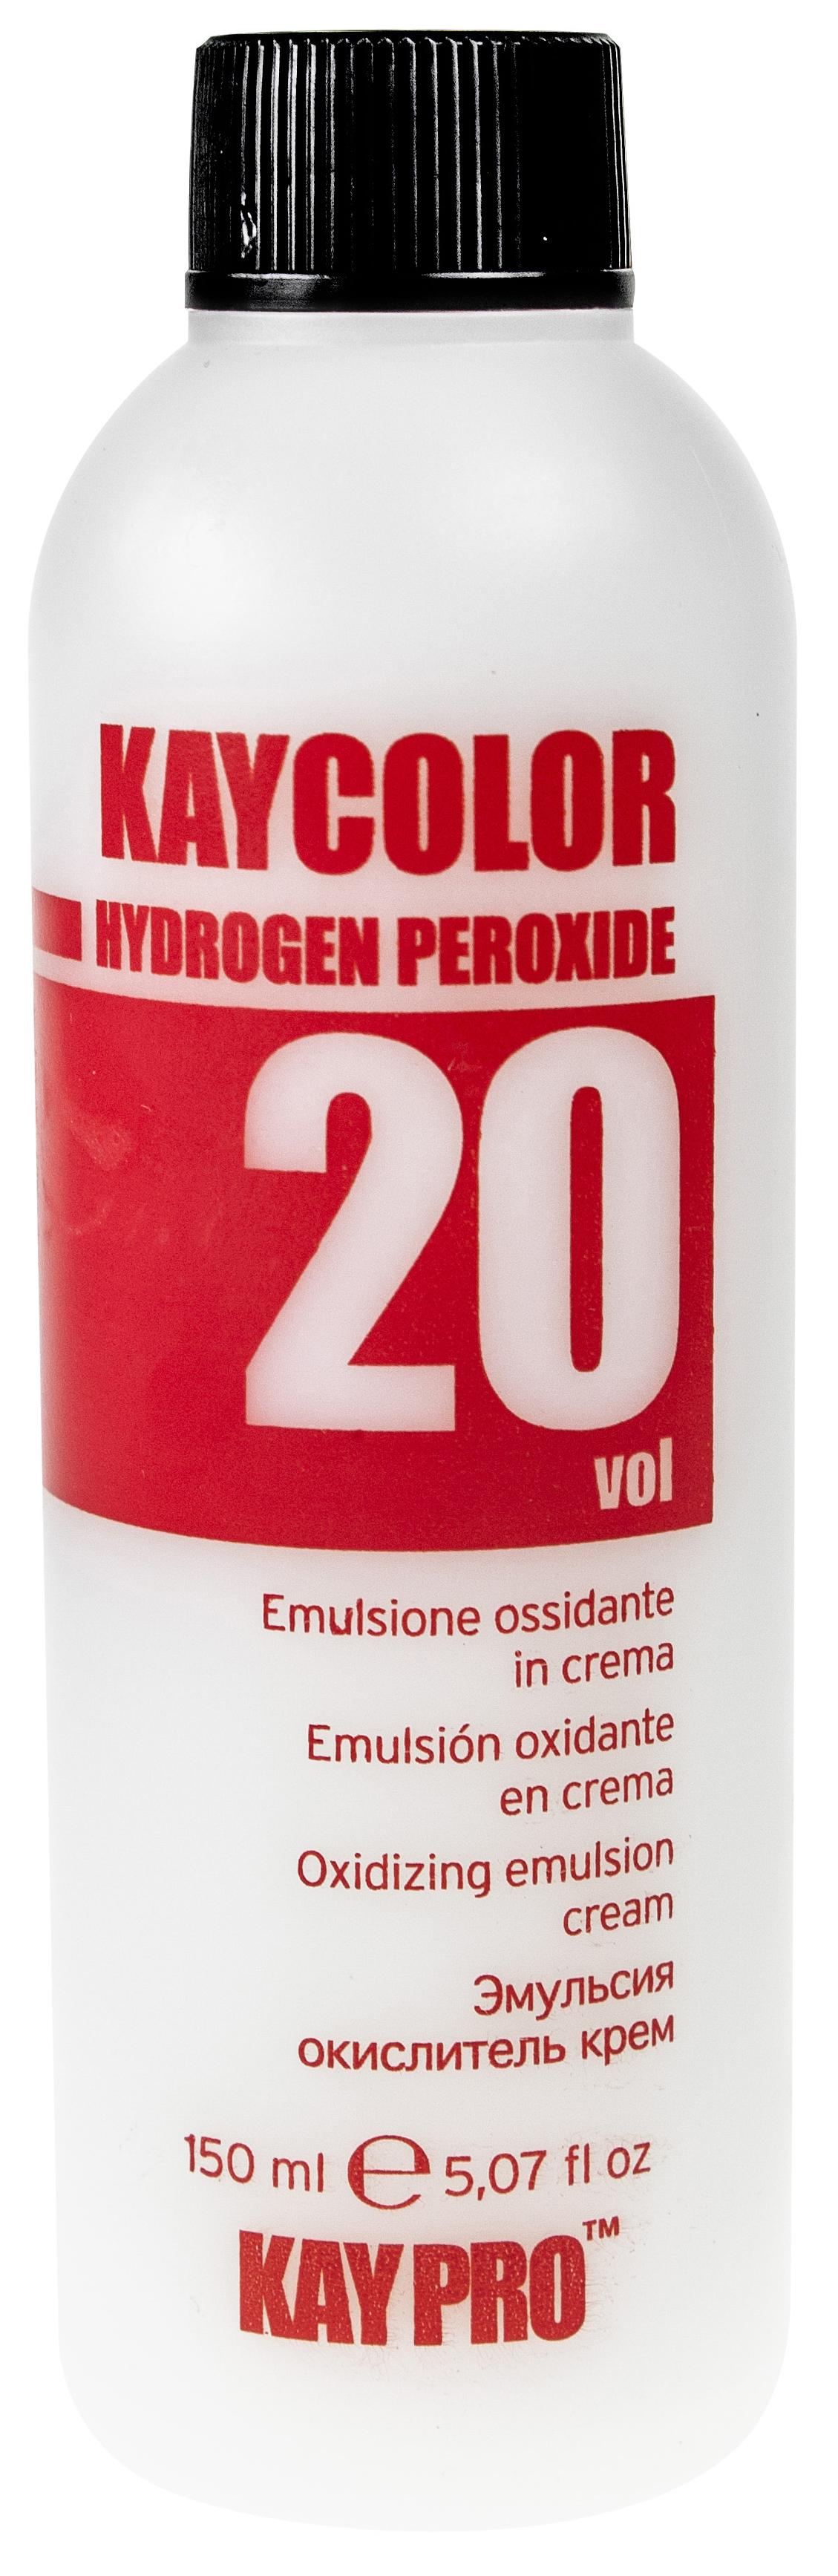 Купить Проявитель KayPro Kay Color 20 vol (6%) 150 мл